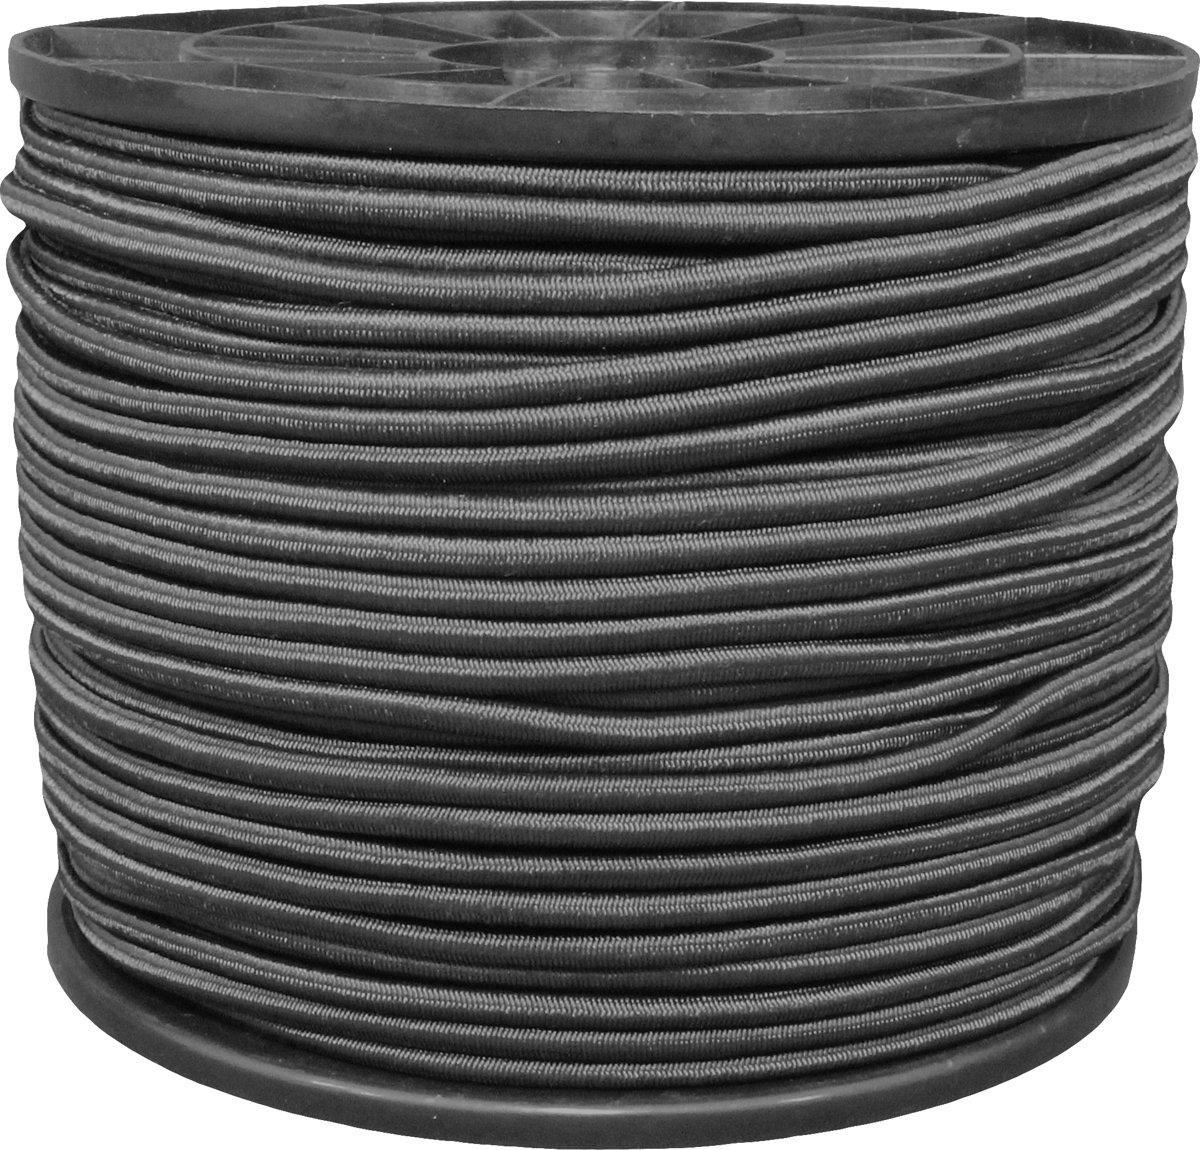 Elastiekkoord - koord -  zwart 6 mm - 100 mtr - haspel kopen